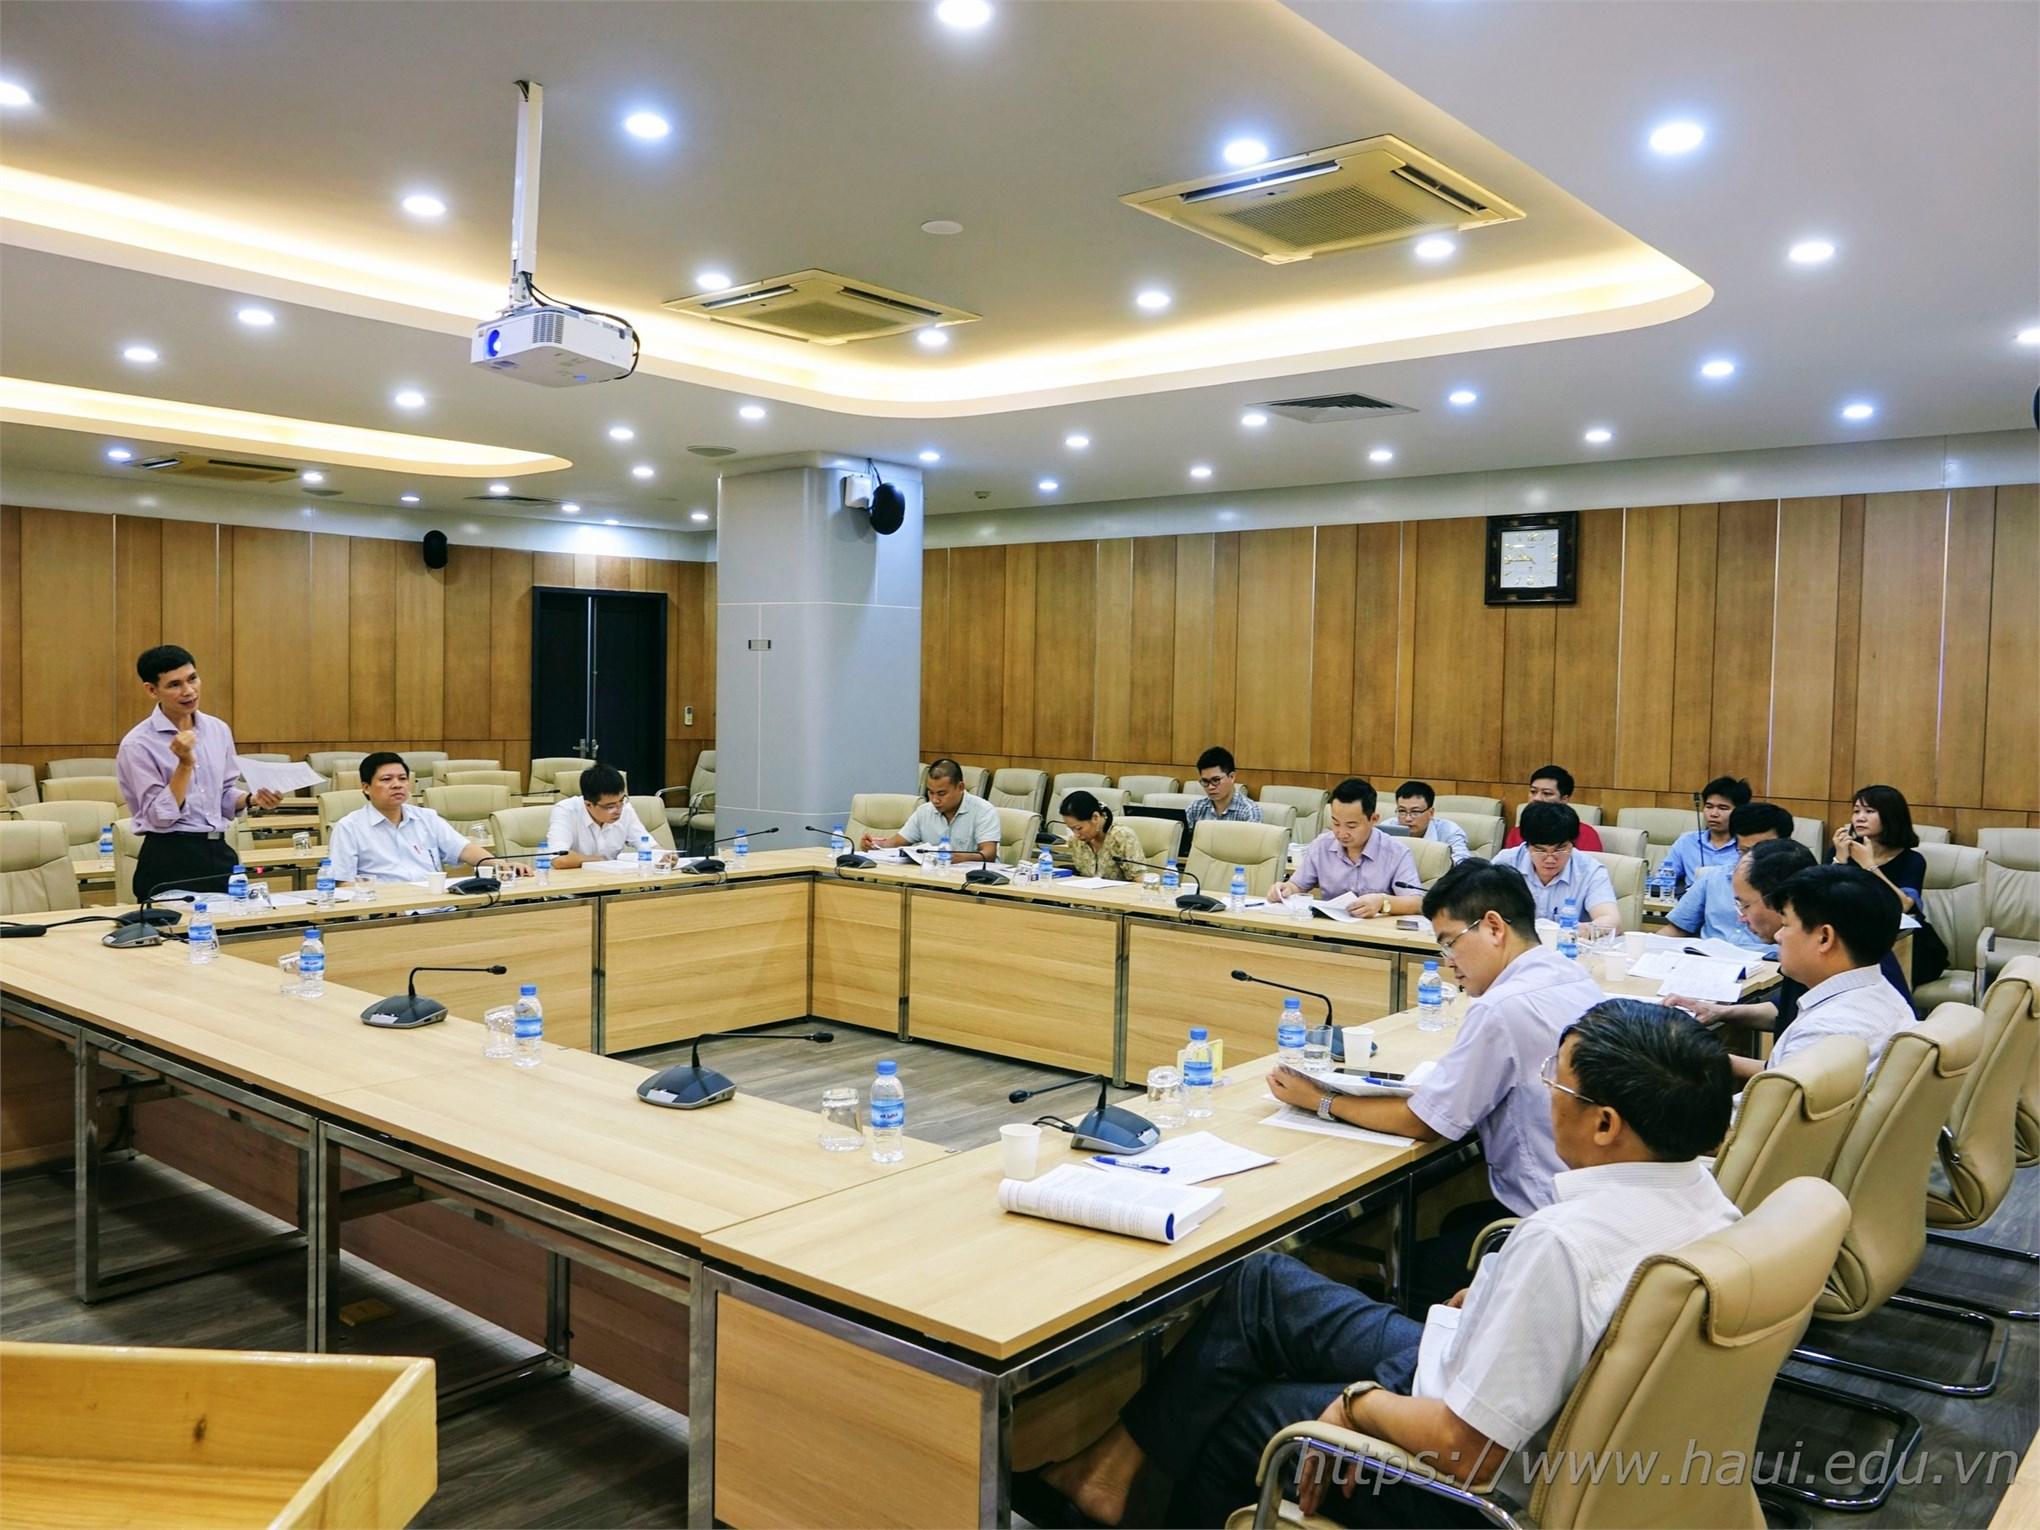 The 4th Scientific Conference of HaUI 2020